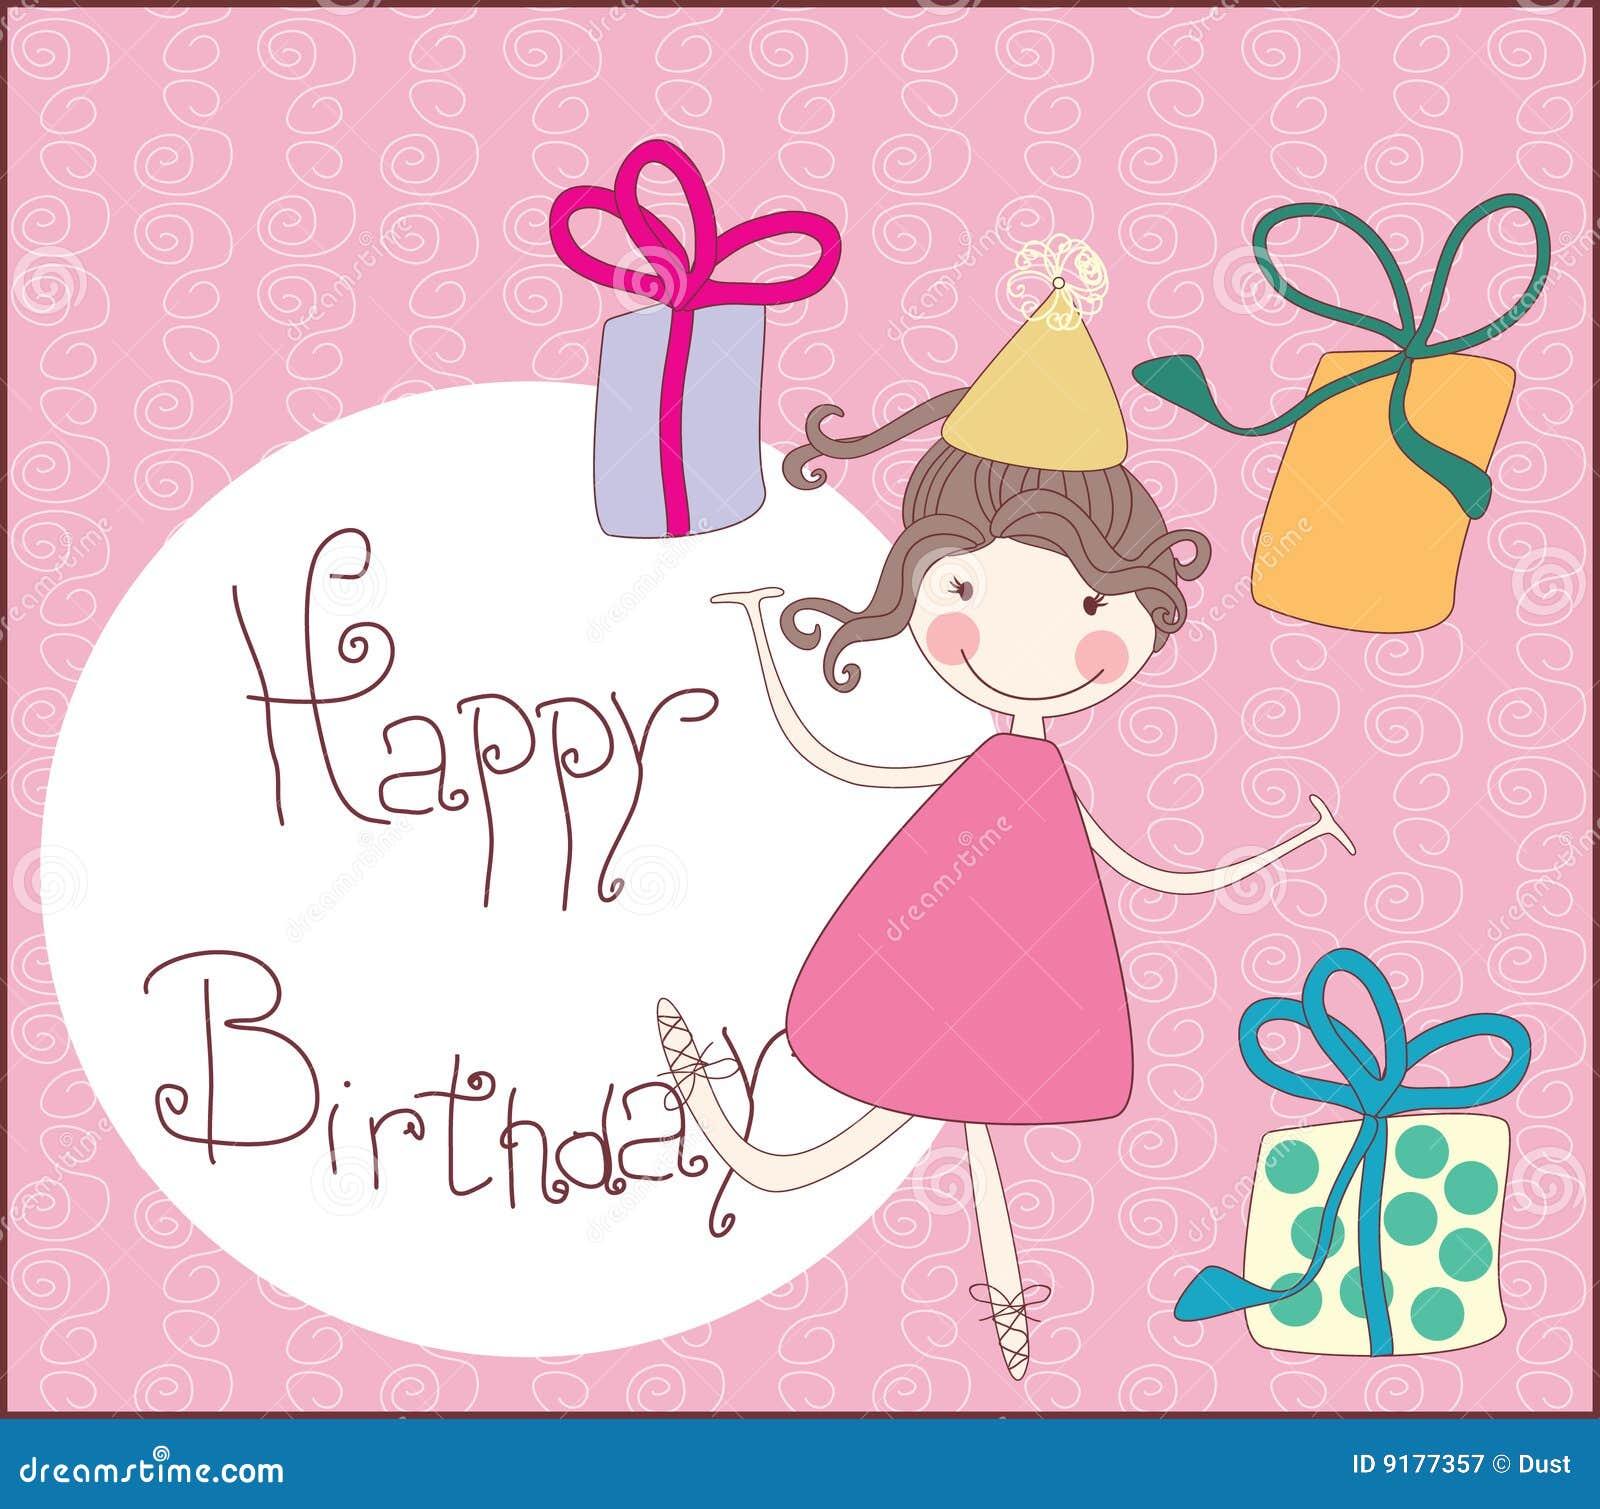 Поздравление насти с днем рождения в картинках